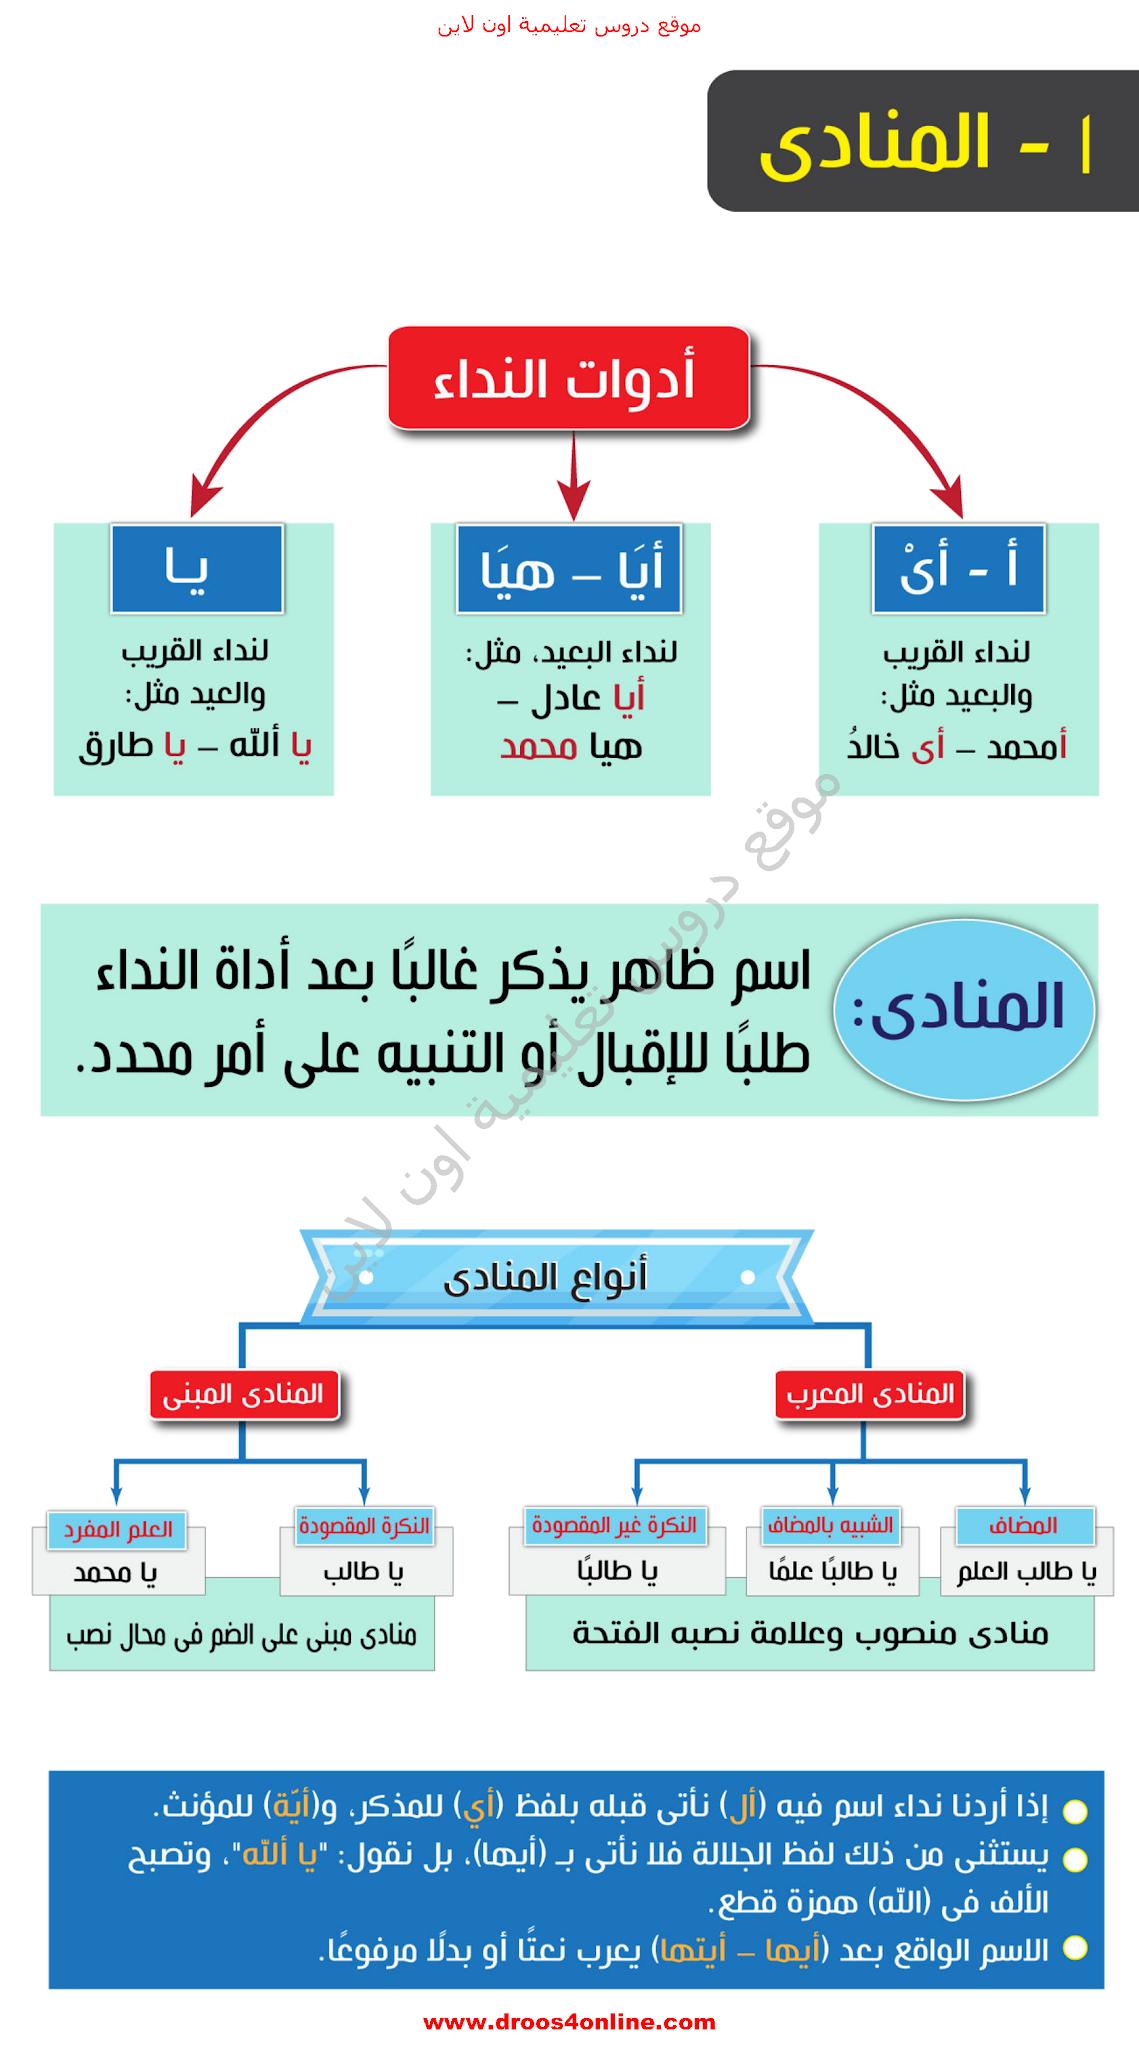 افضل مذكرة لغة عربية (خرائط ذهنية) للصف الثالث الإعدادى الترم الأول 2022 من الأضواء